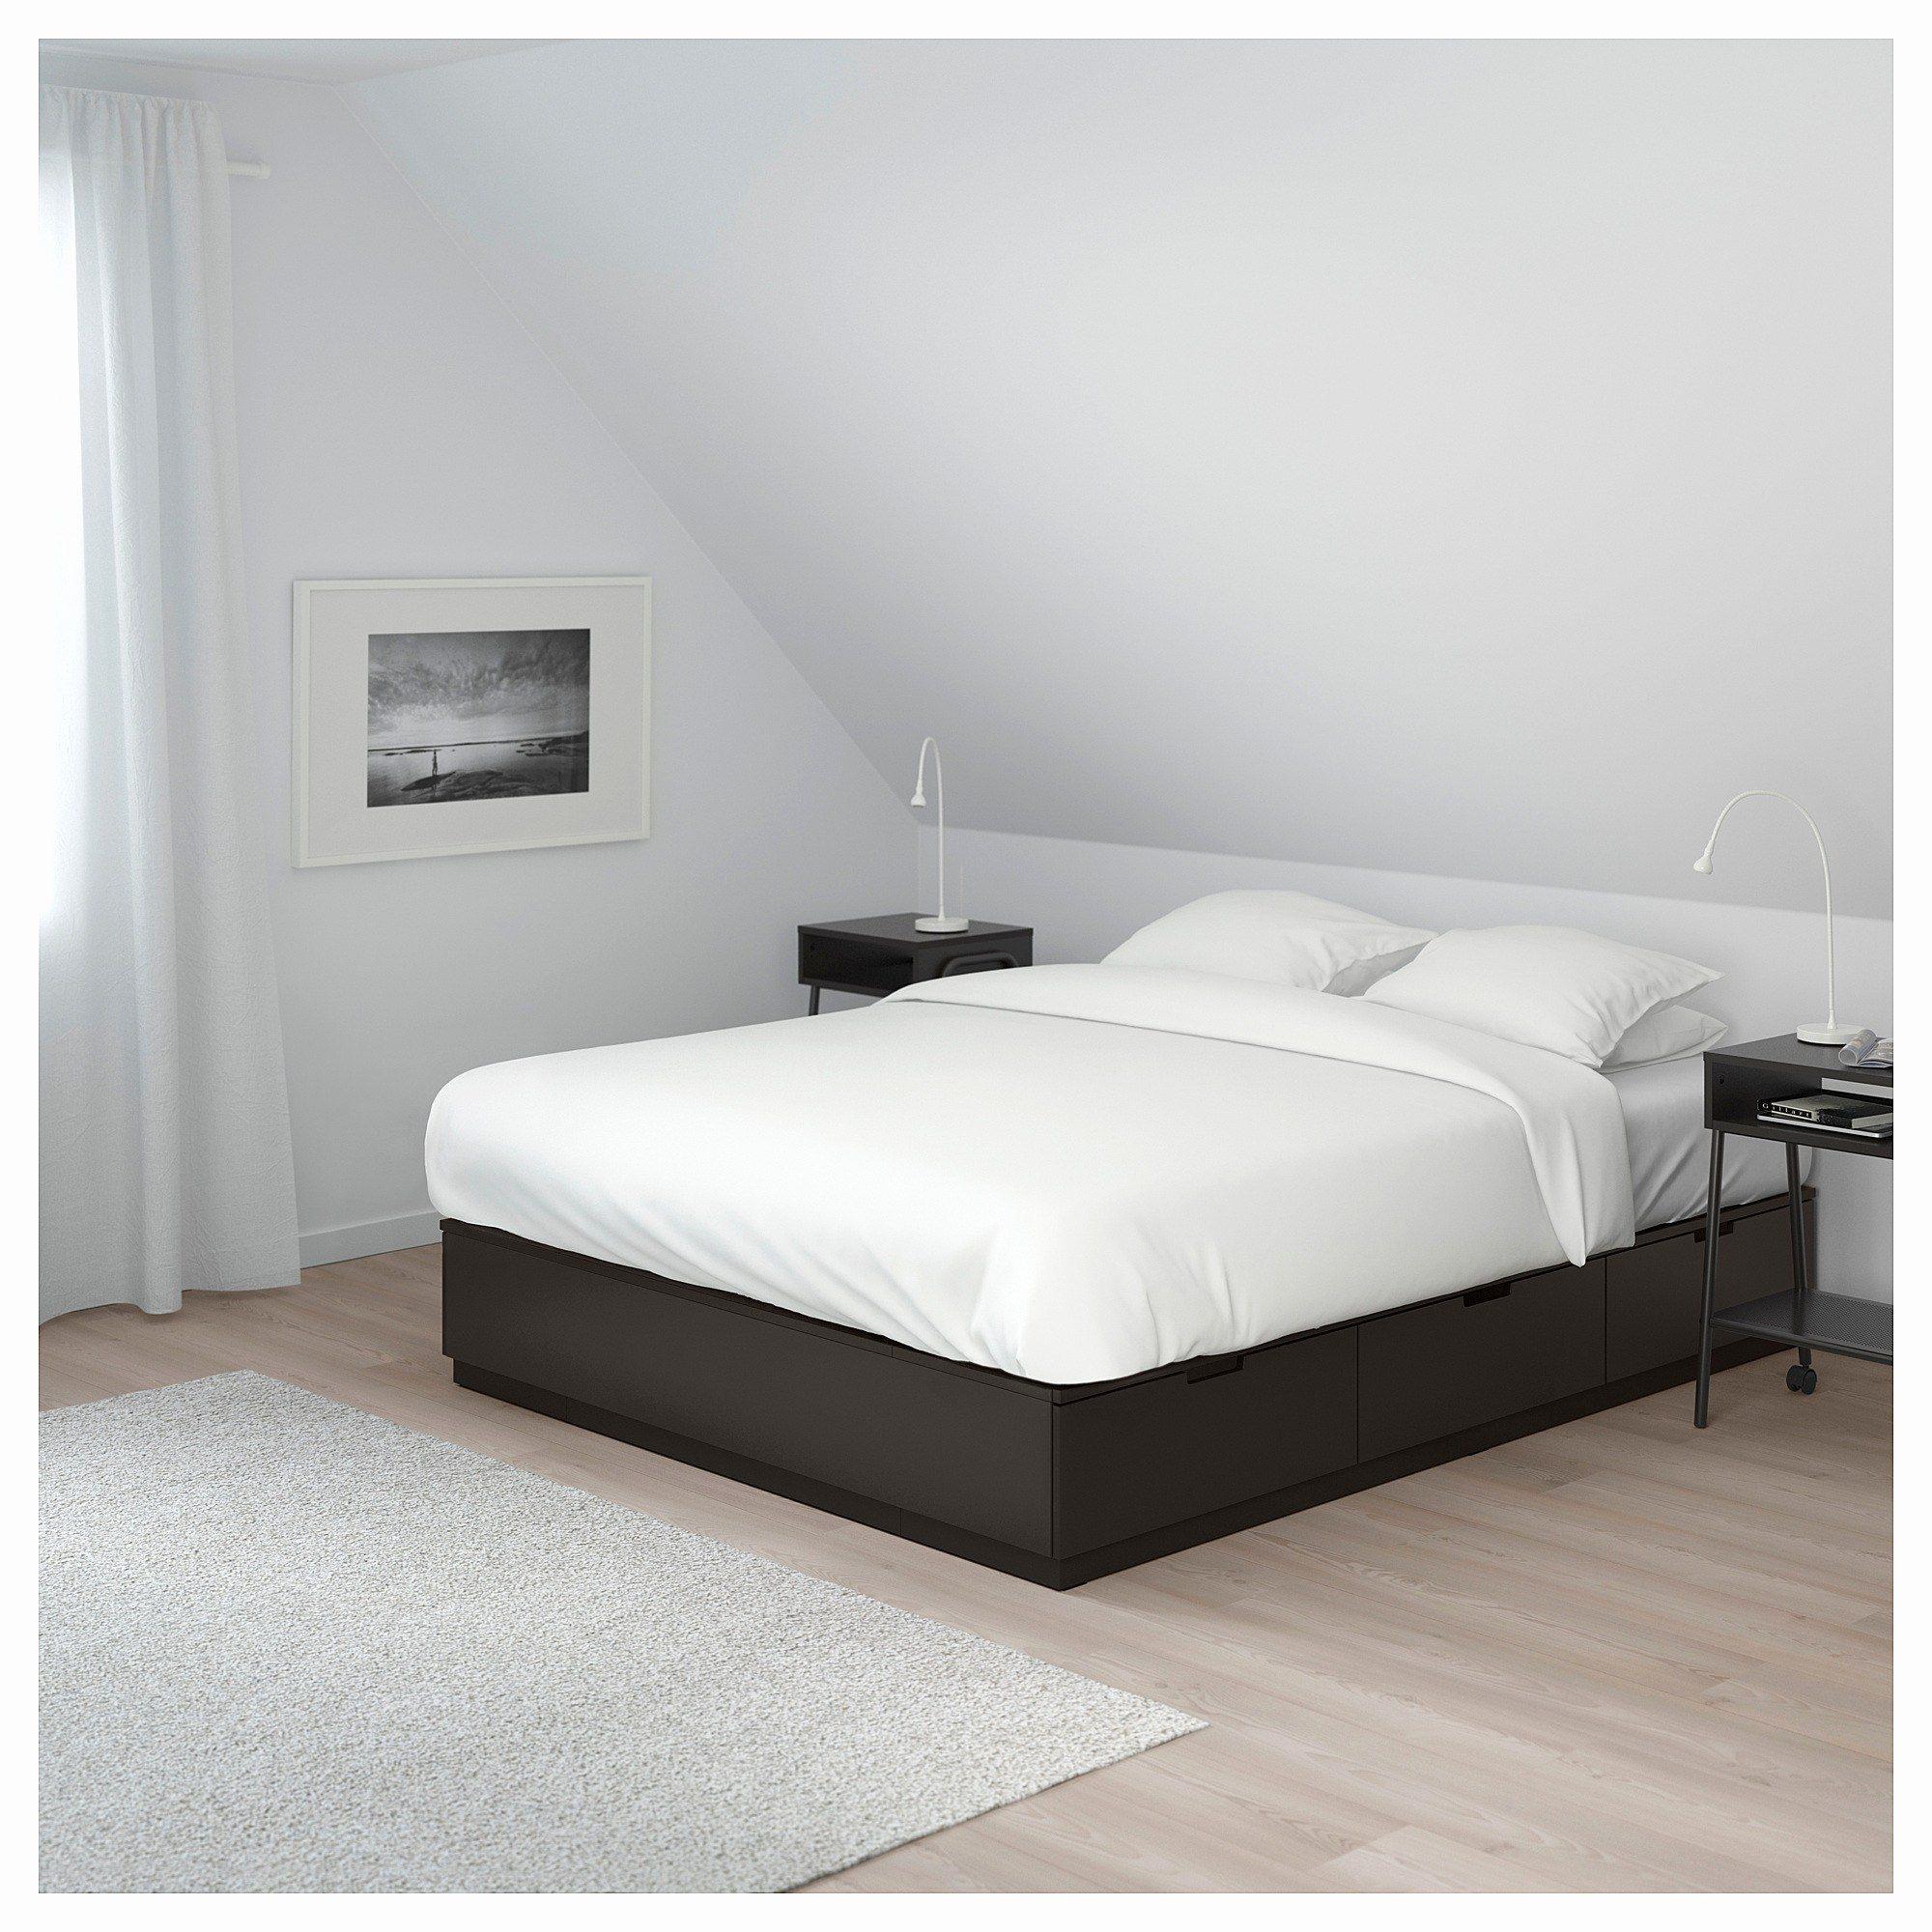 Tete De Lit Avec Chevet Intégré Ikea Joli Tete De Lit Avec Rangement Integre